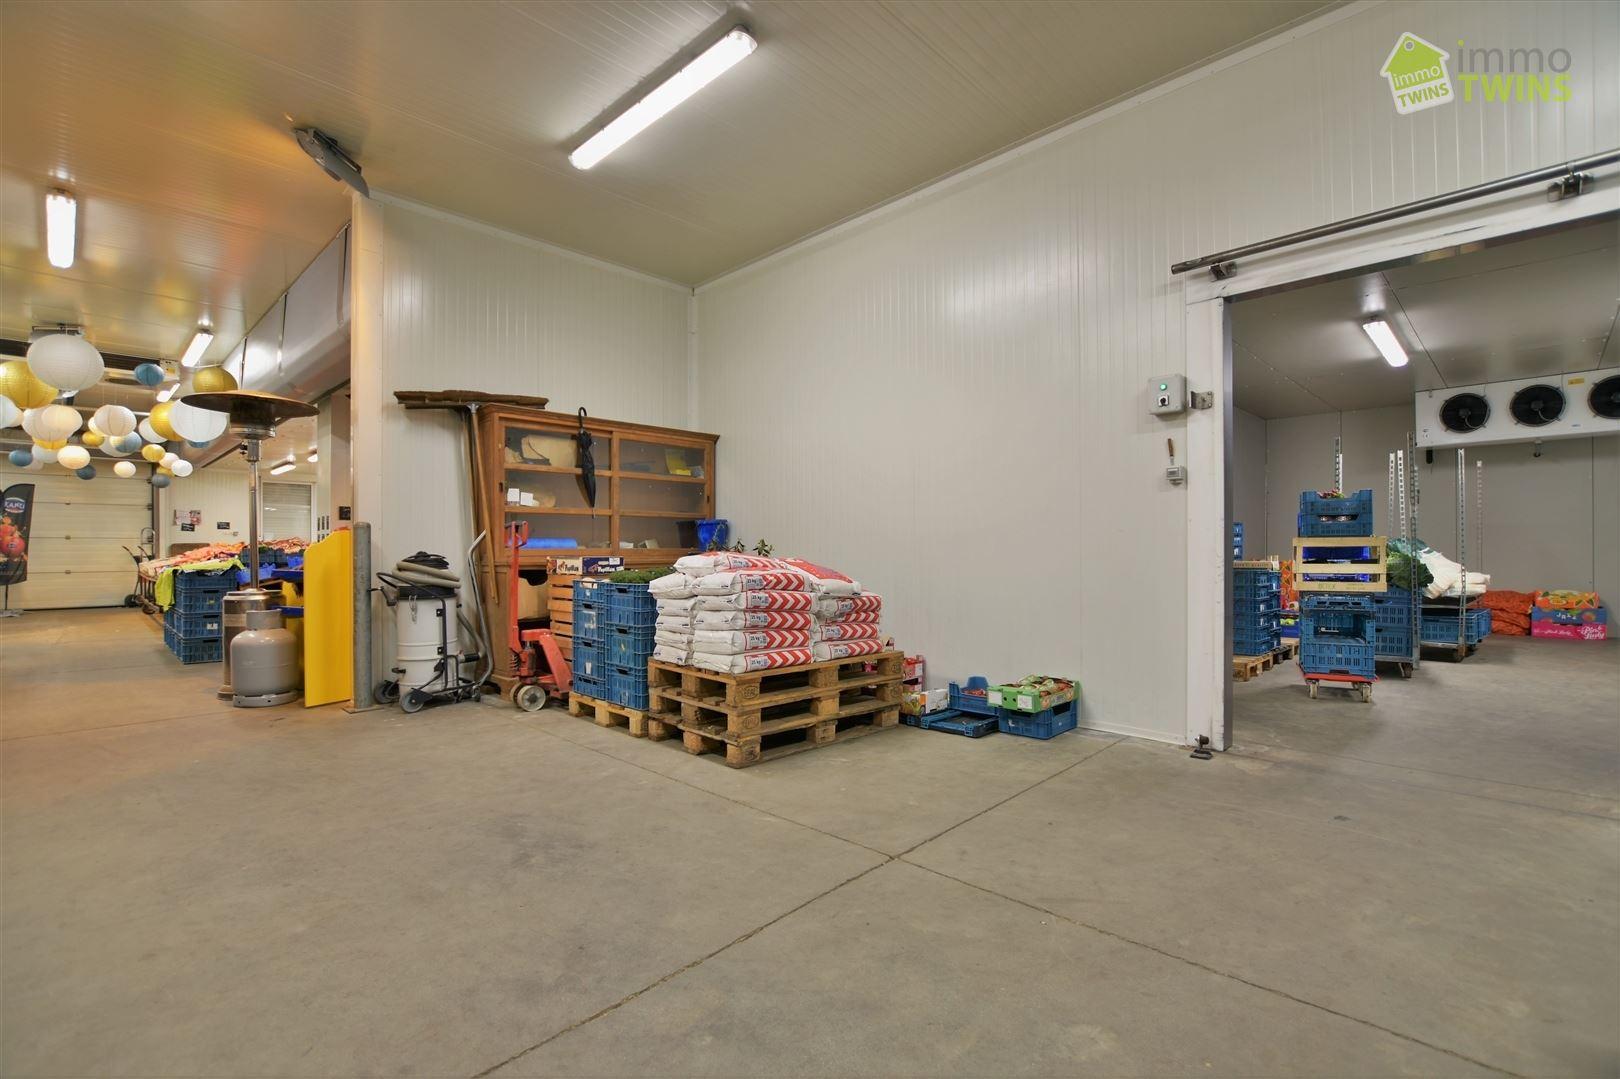 Foto 5 : Handelspand te 9308 GIJZEGEM (België) - Prijs € 549.000